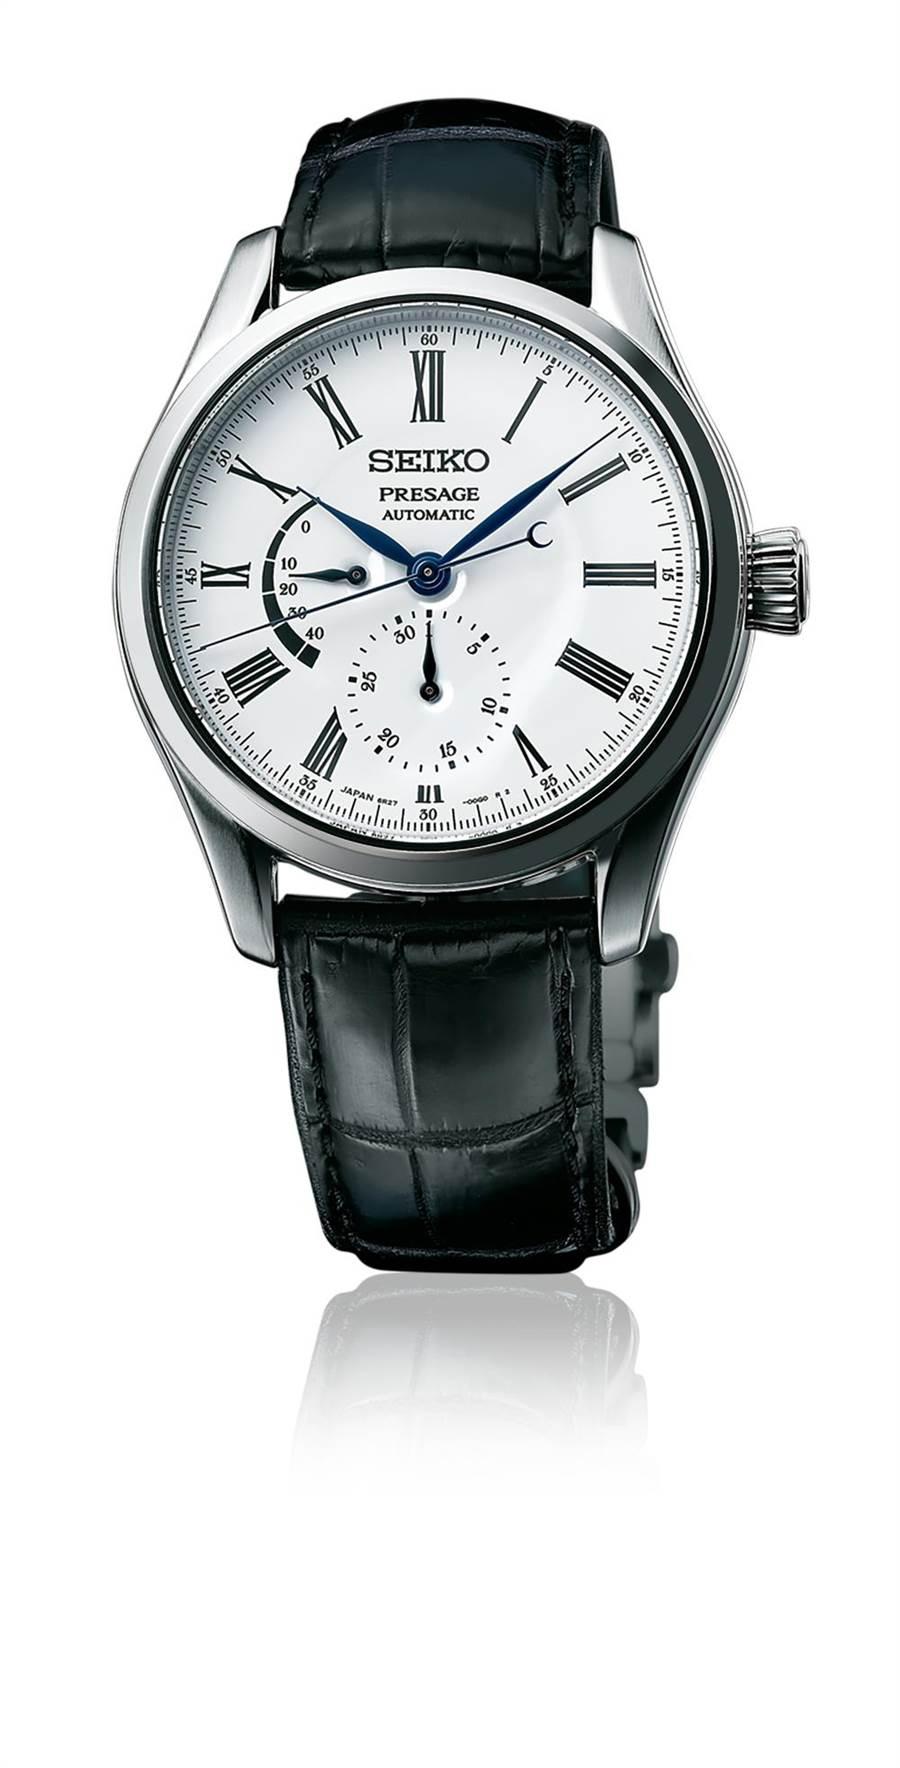 精工表Presage系列琺瑯面盤腕表,搭載6R27機芯,藍寶石水晶鏡面,精鋼表殼搭鱷魚皮表帶,3萬8800元。(SEIKO提供)